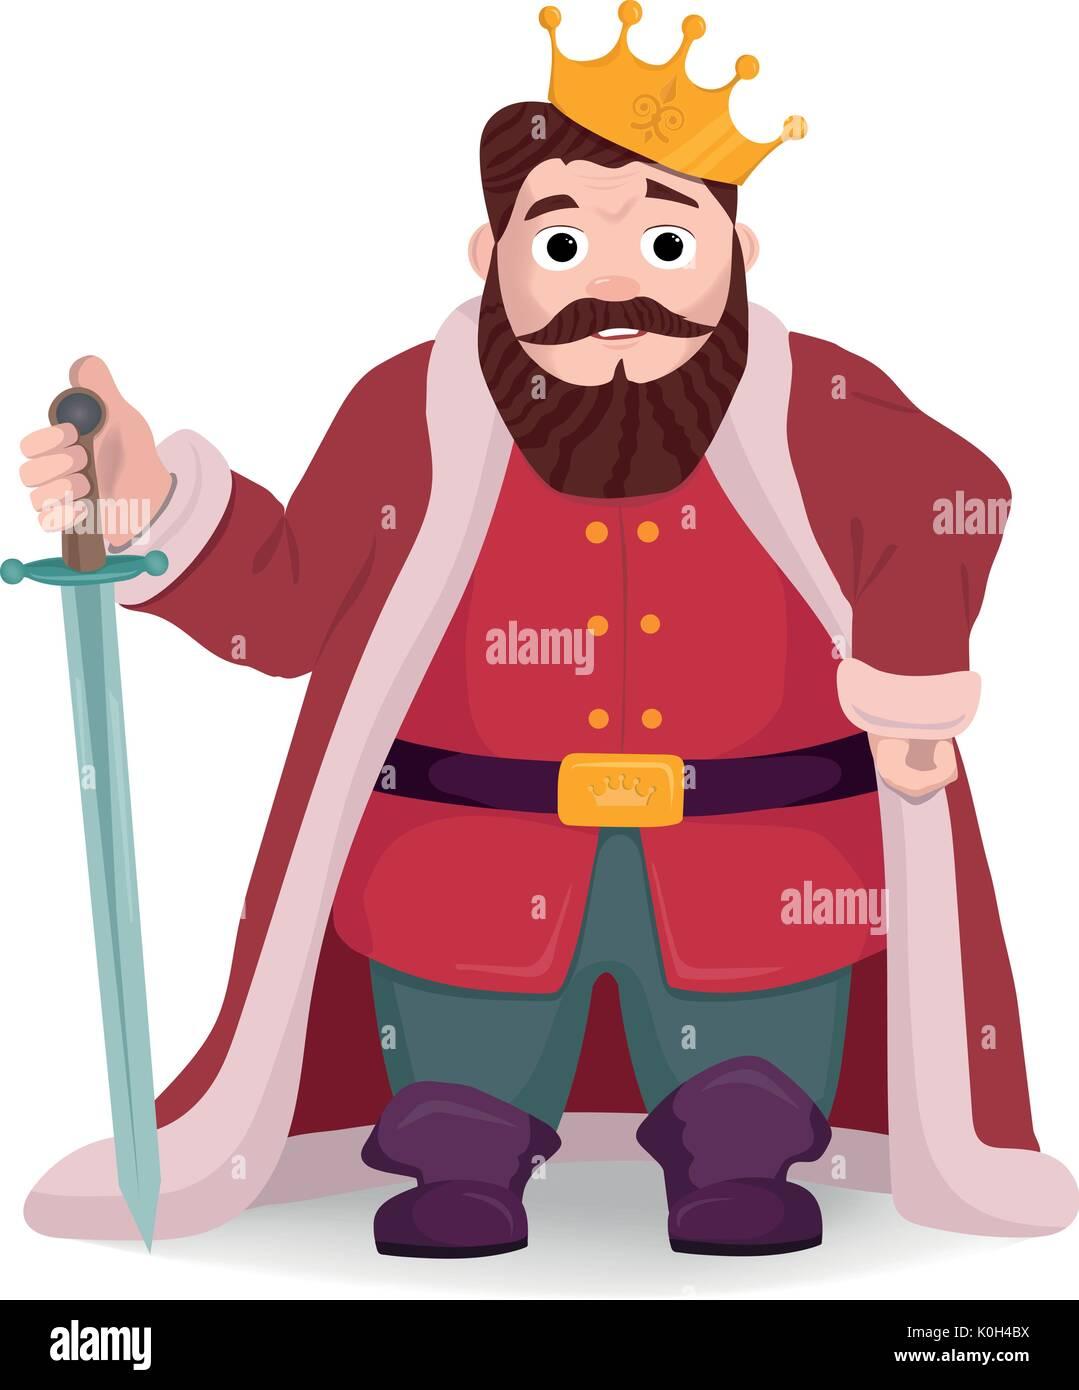 Man Knight Sword Stockfotos & Man Knight Sword Bilder - Alamy